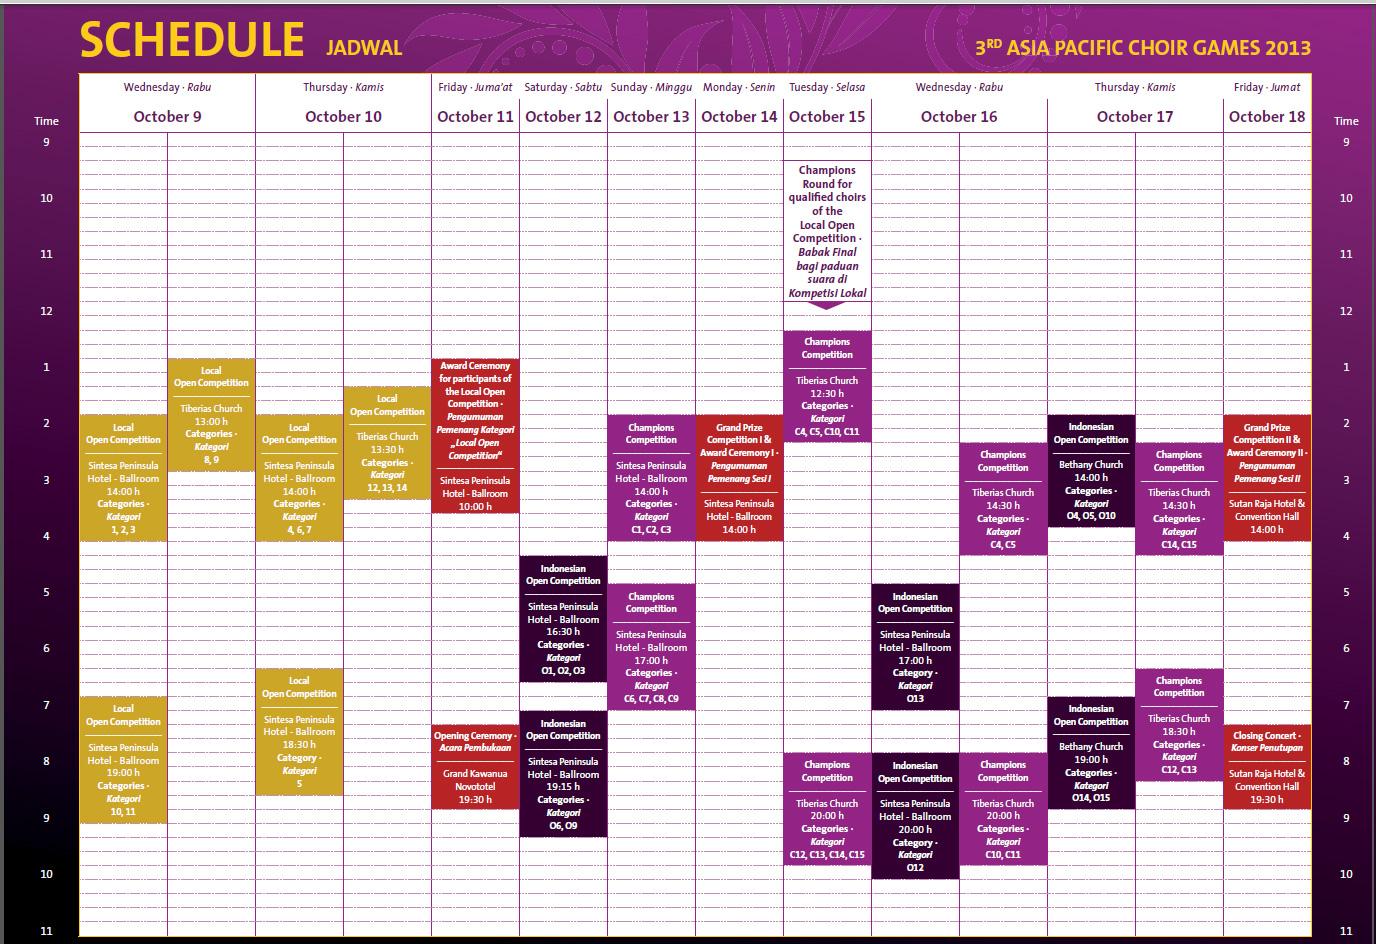 Jadwal Kegiatan ASIA PACIFIC CHOIR GAMES 2013 di Manado